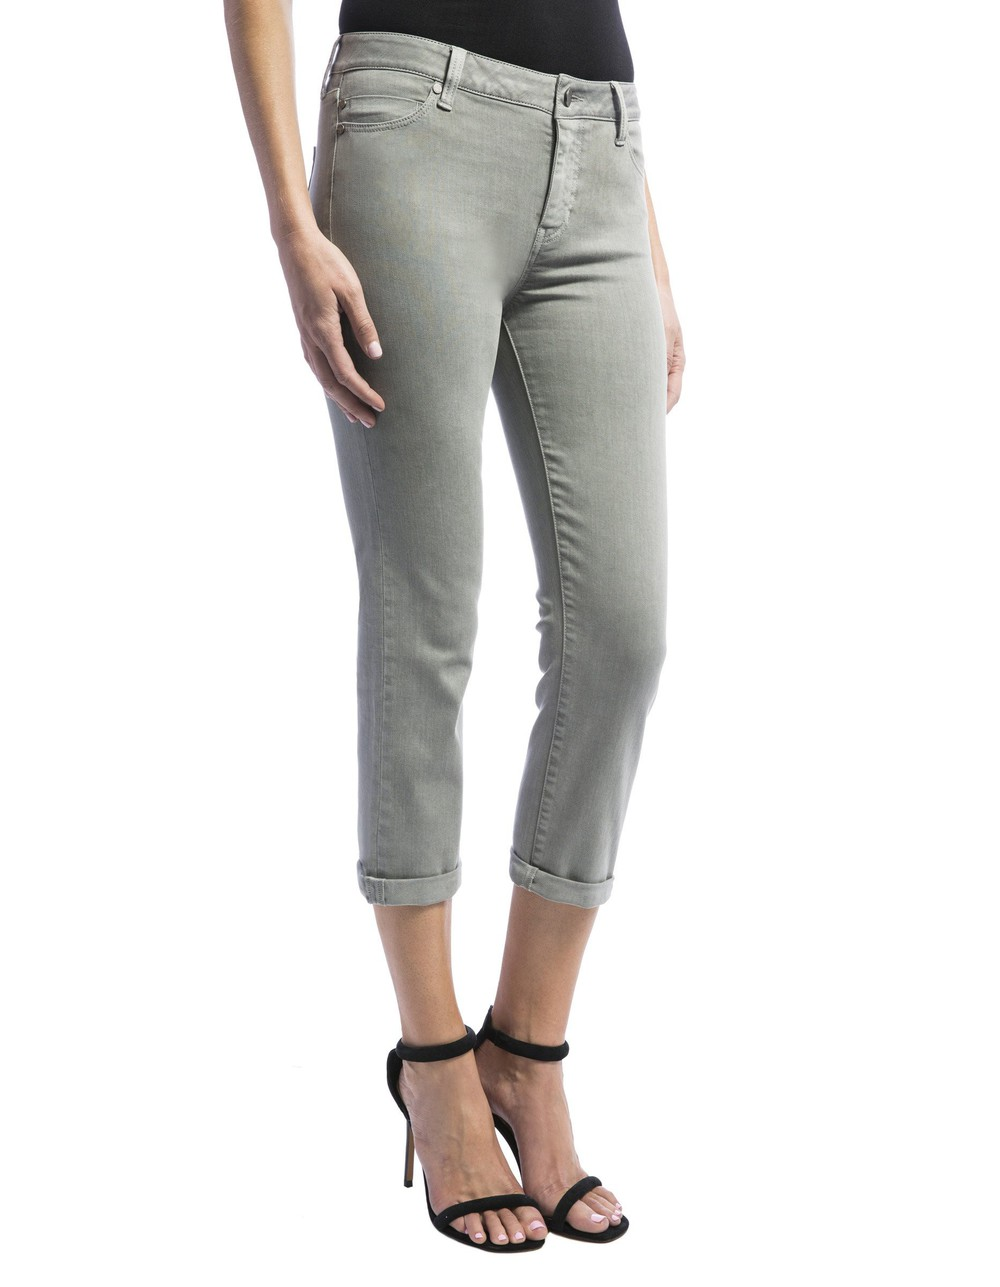 Liverpool Michelle Capri jeans